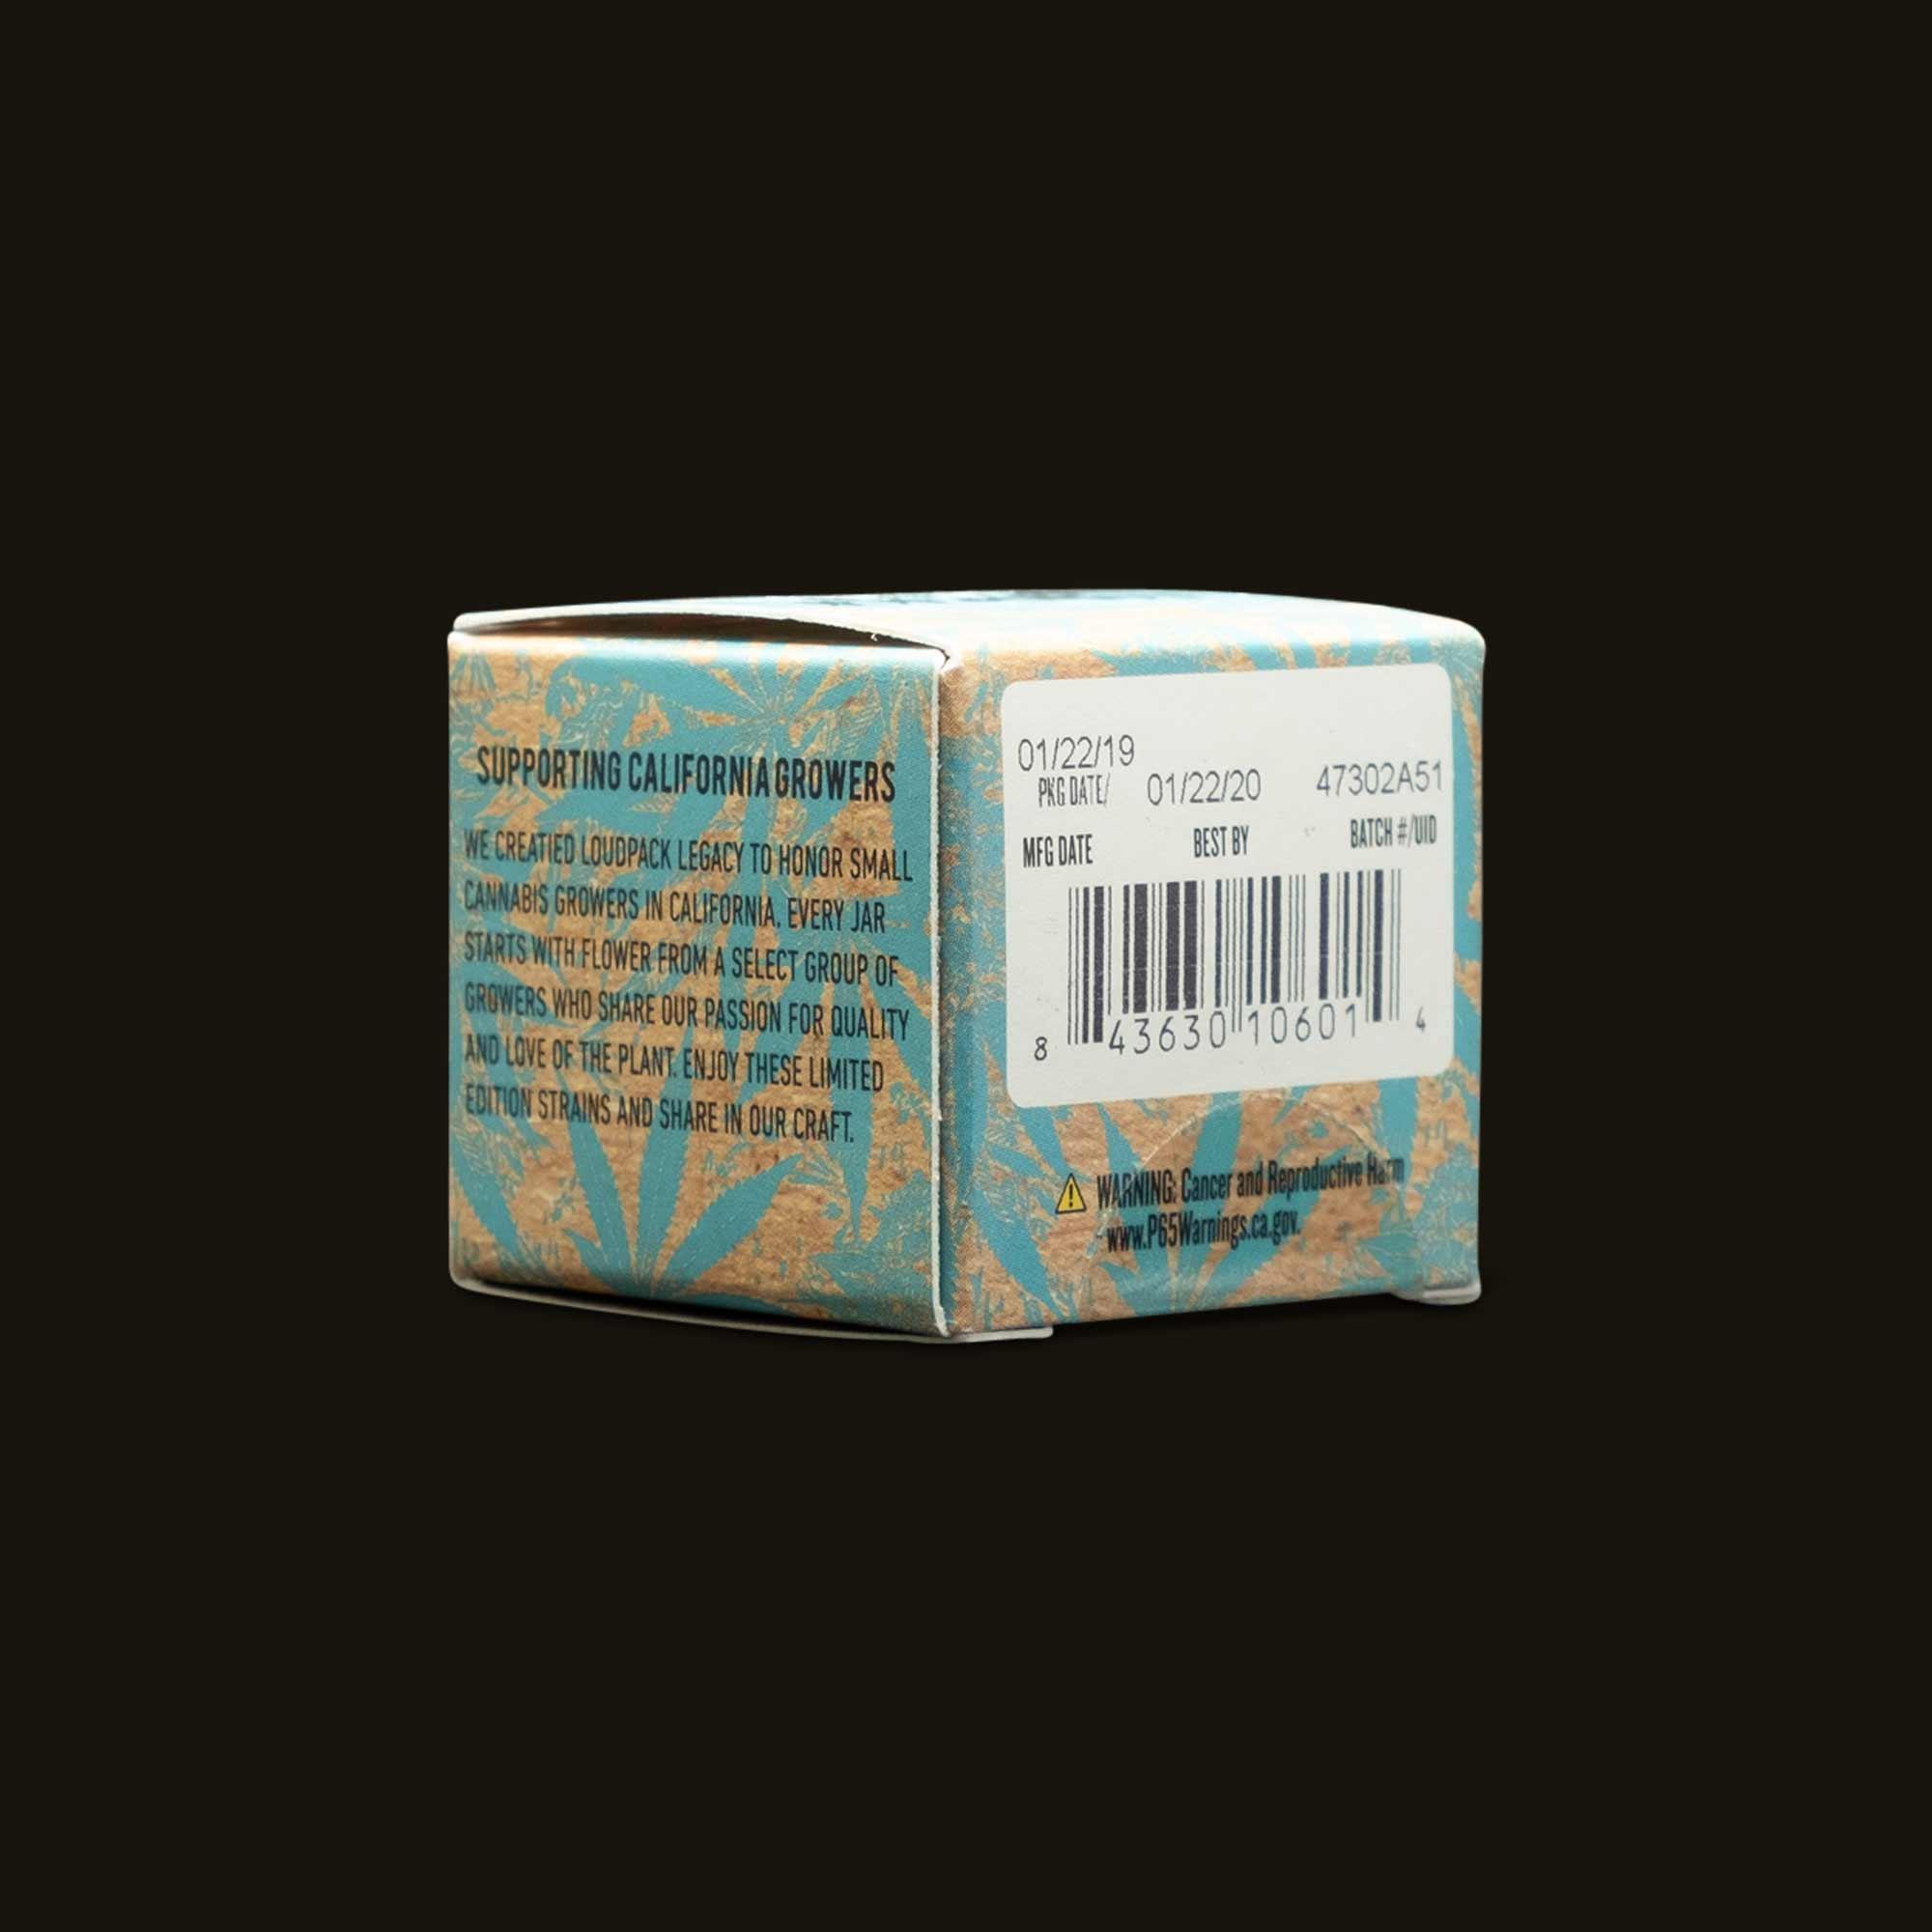 Loudpack Lemon OG Live Resin Sugar